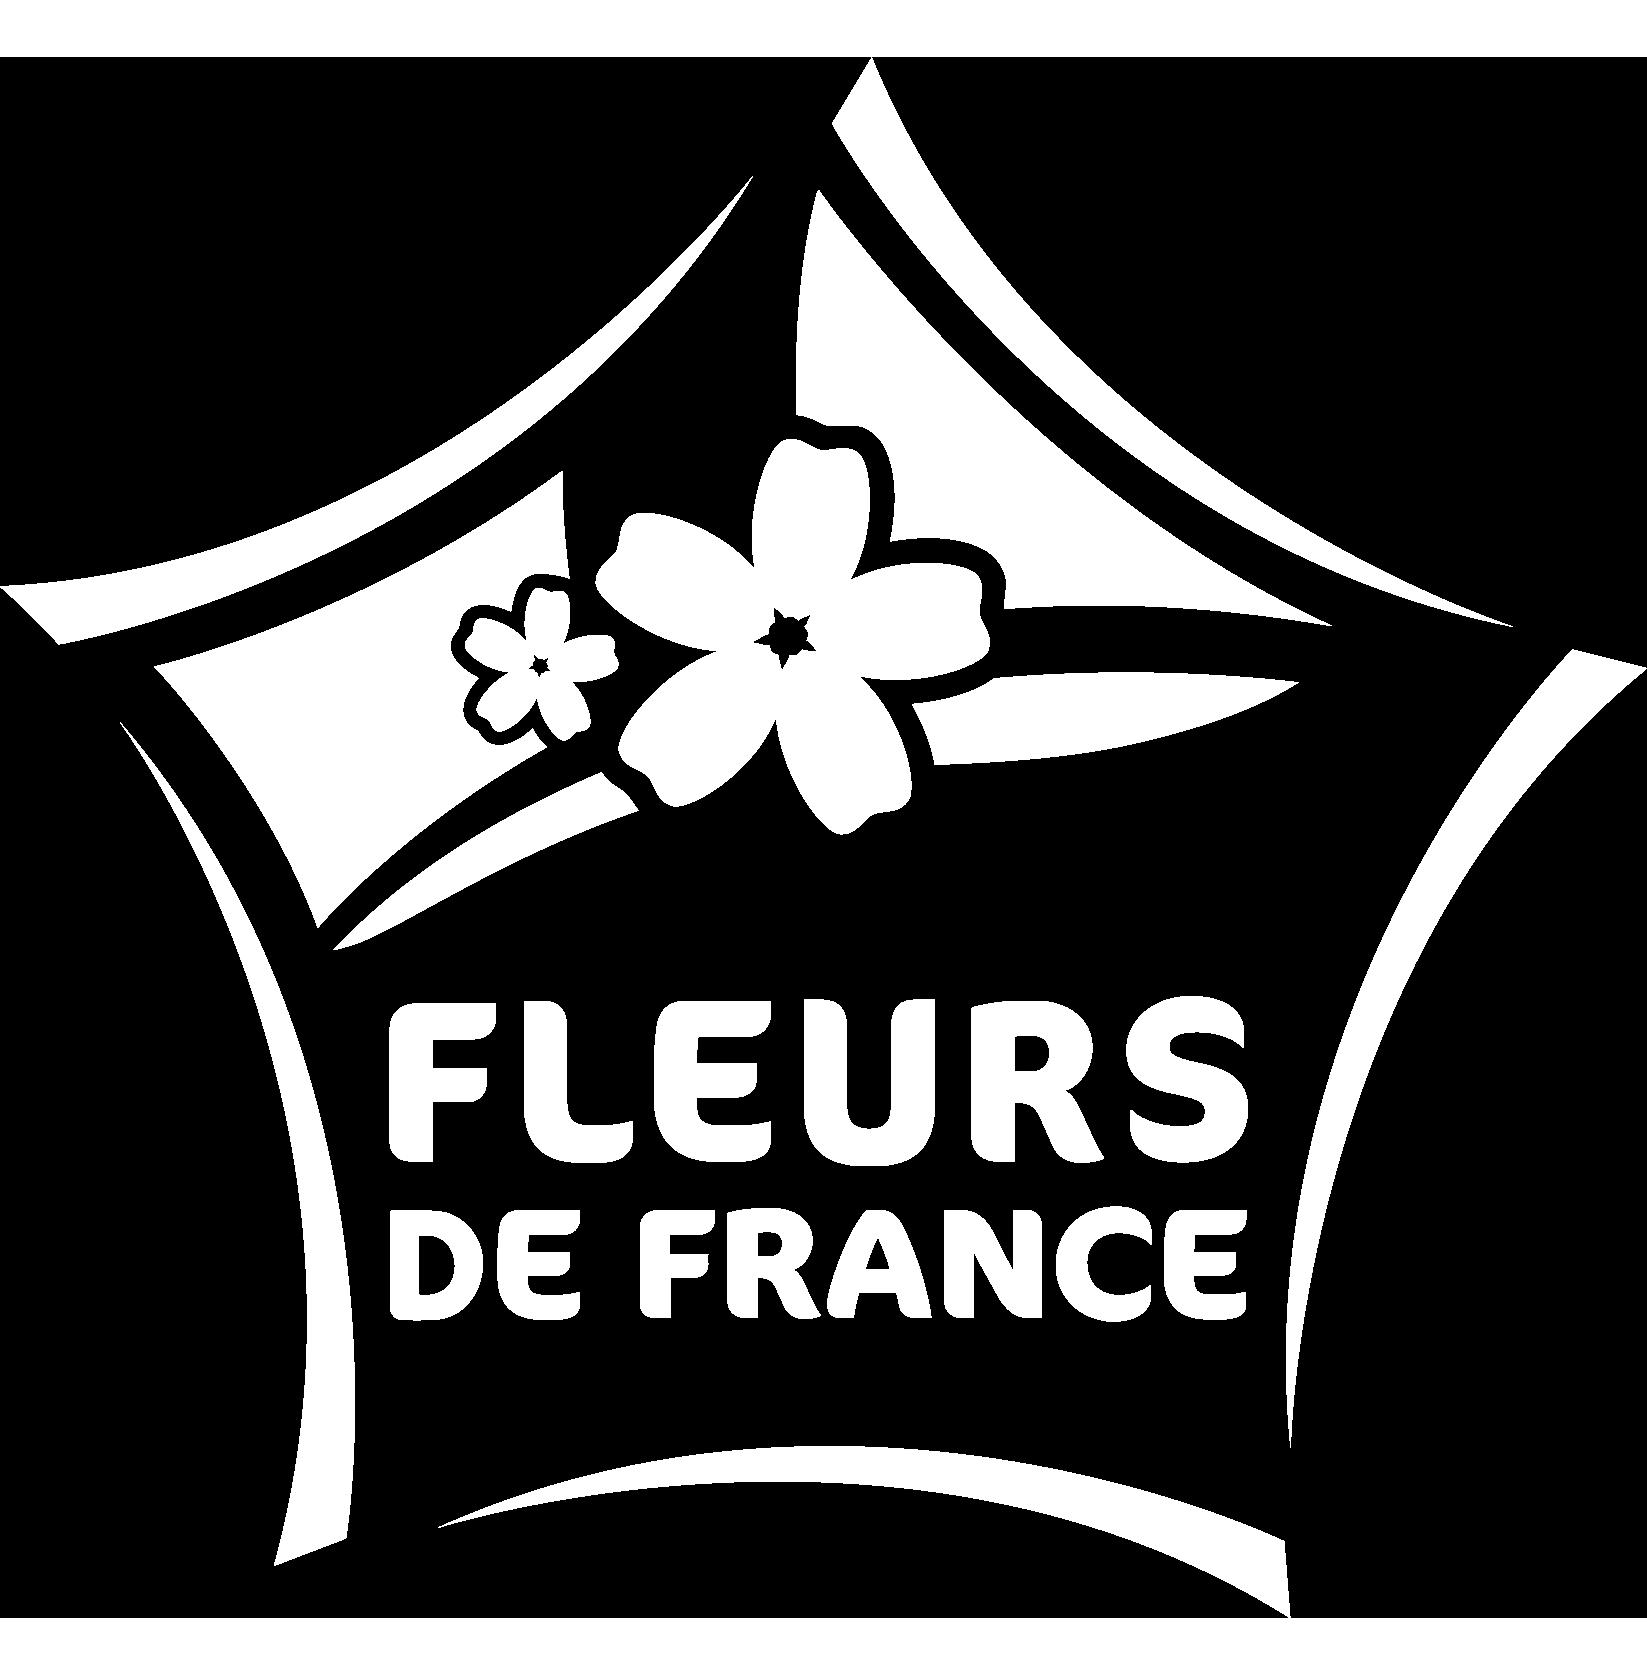 FLEURS_DE_FRANCE